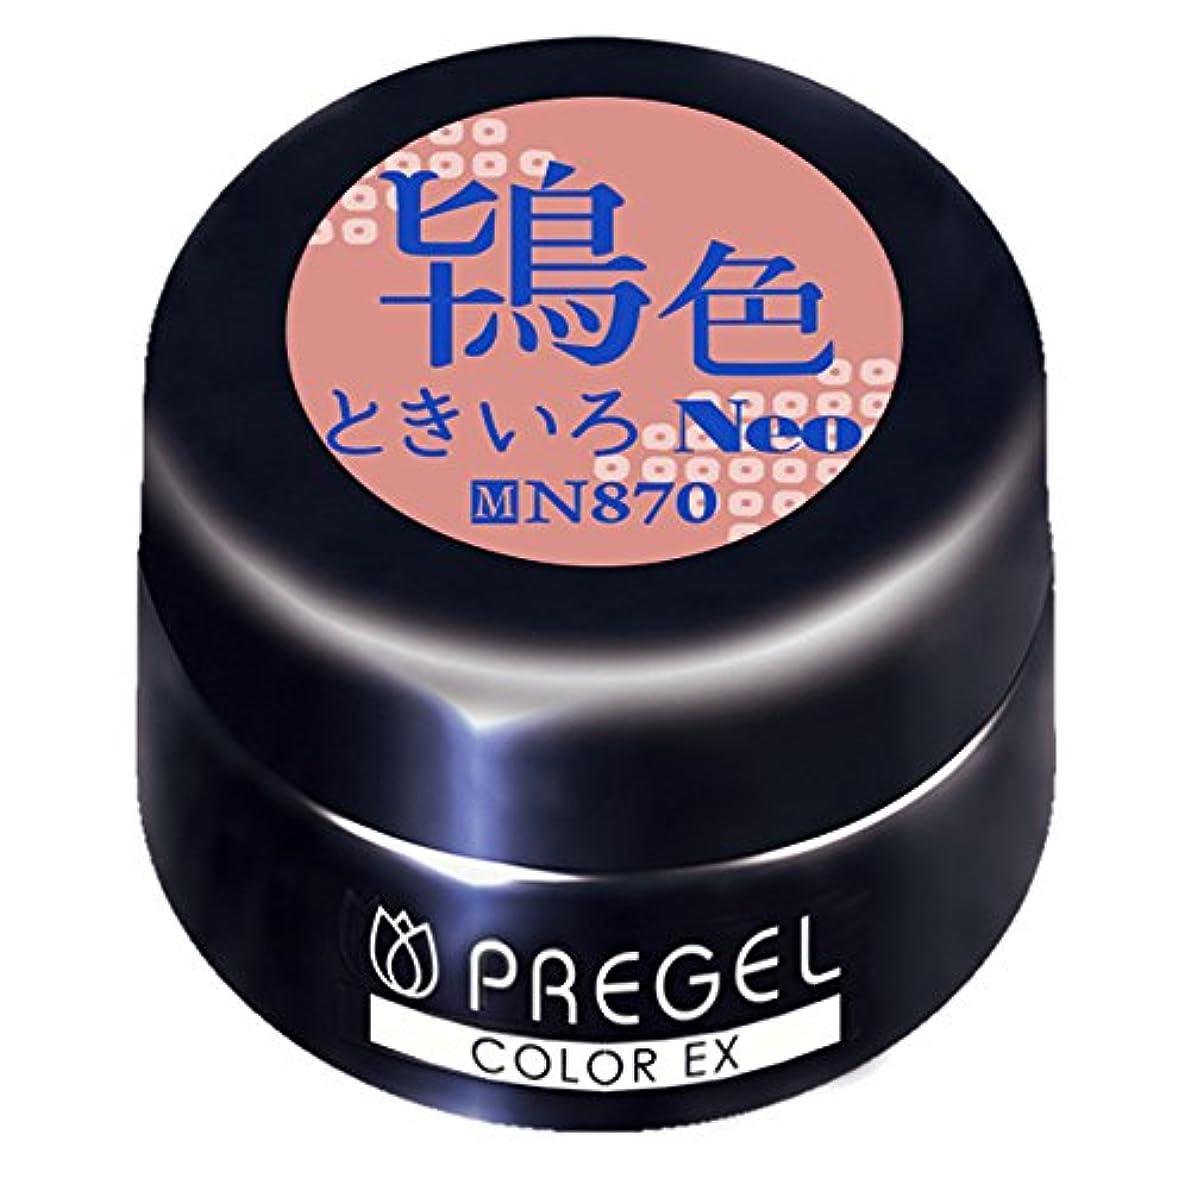 グラム広大な淡いPRE GELカラーEX 鴇色(ときいろ)neo 3g PG-CEN870